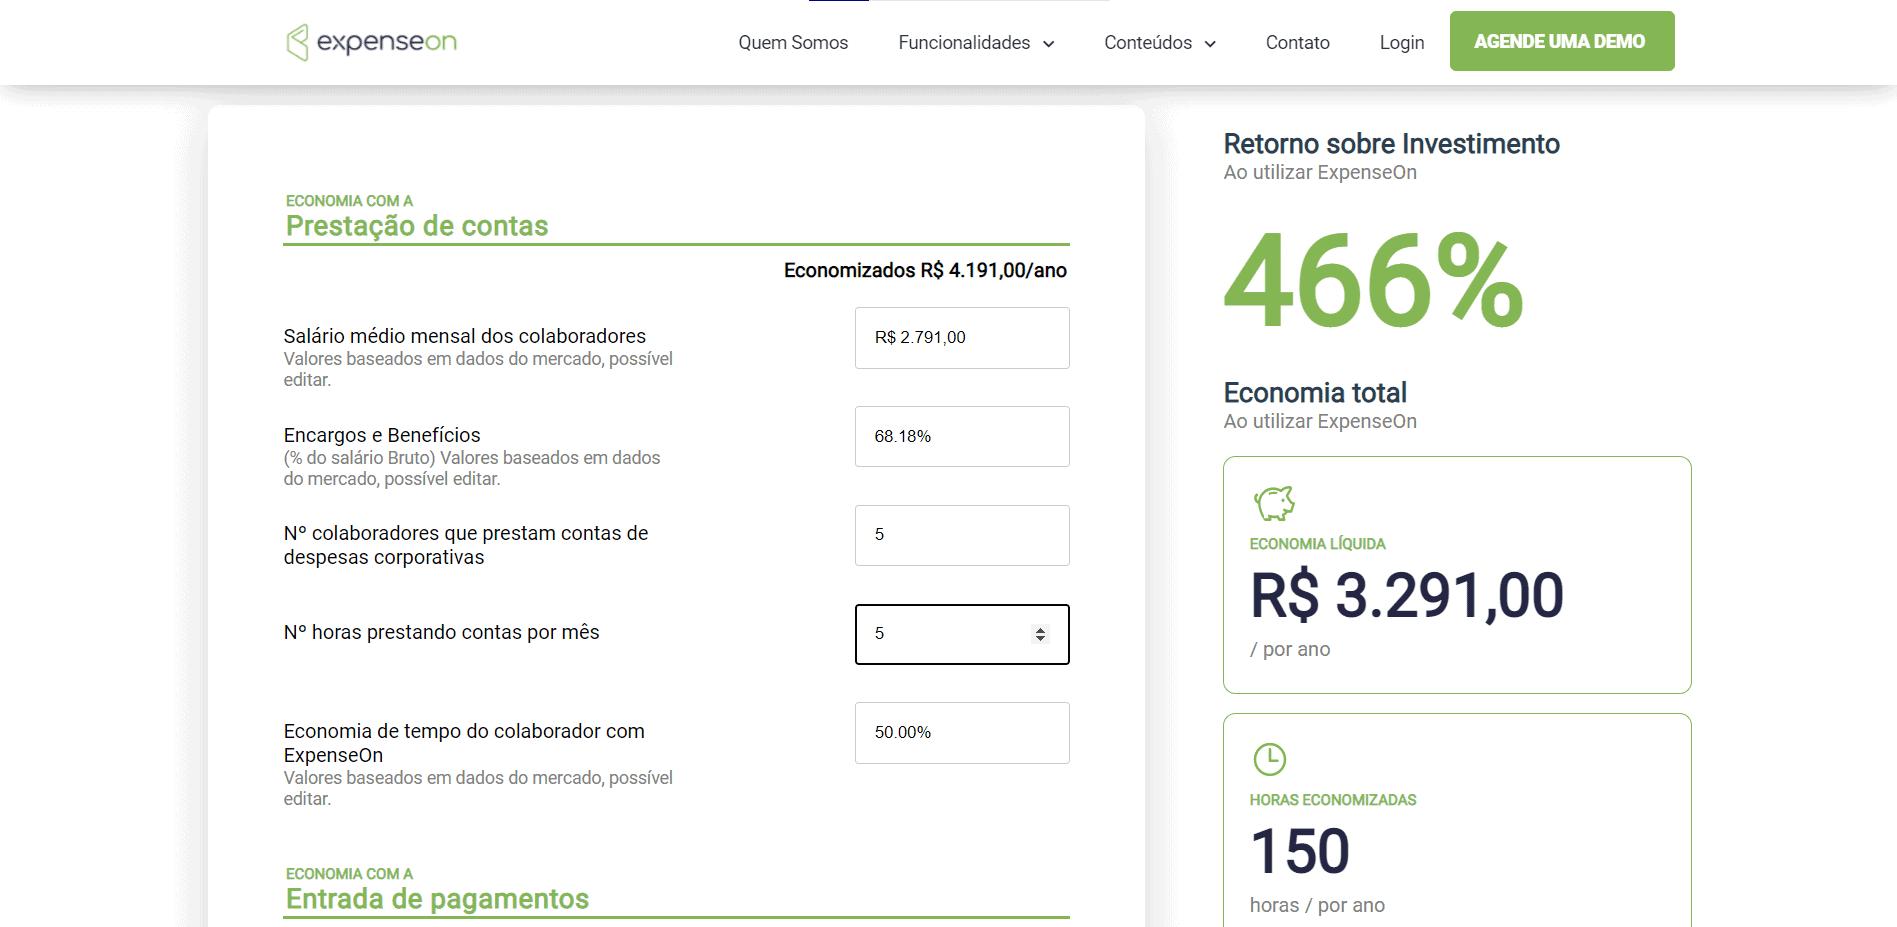 Captura de tela da página de cálculos da Calculadora de ROI da ExpenseOn